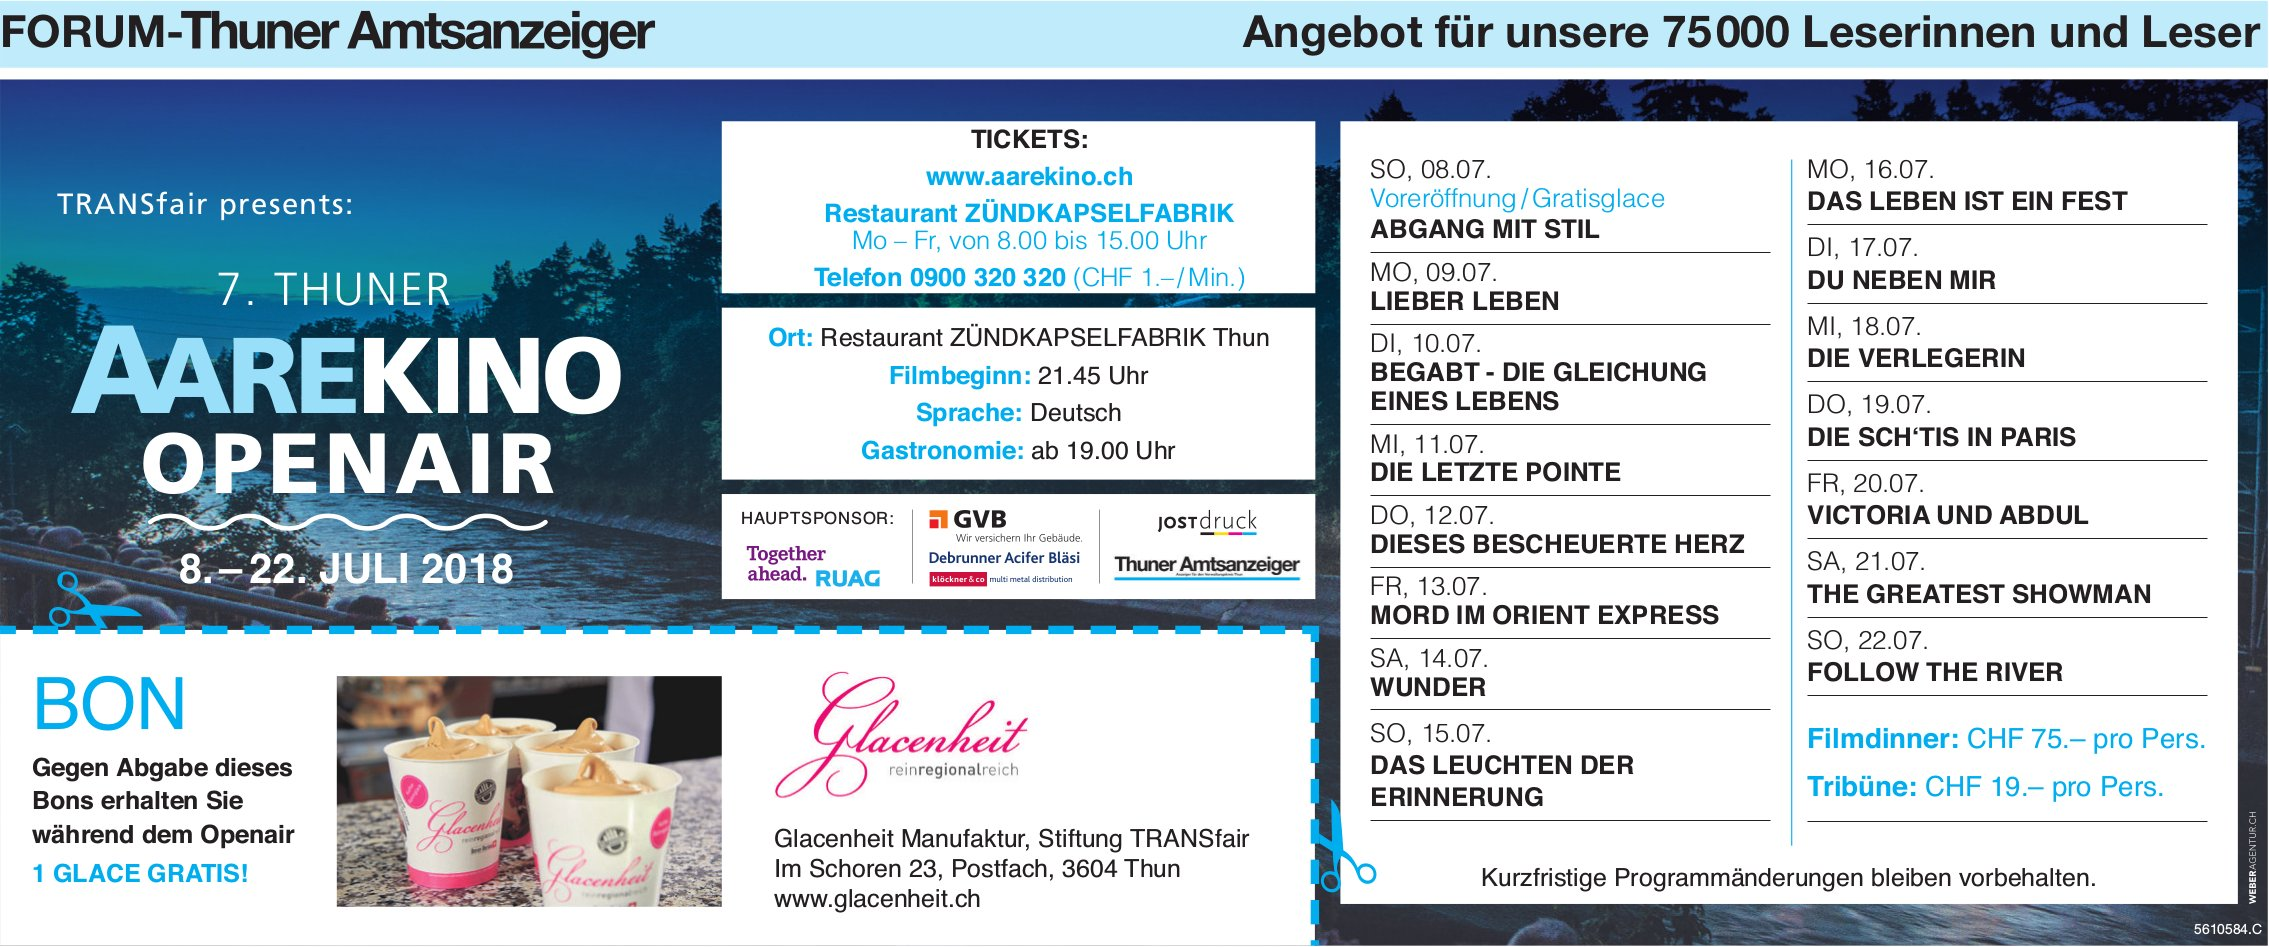 Forum-Thuner Amtsanzeiger - 7. Thuner AareKino Openair, 8.-22. Juli